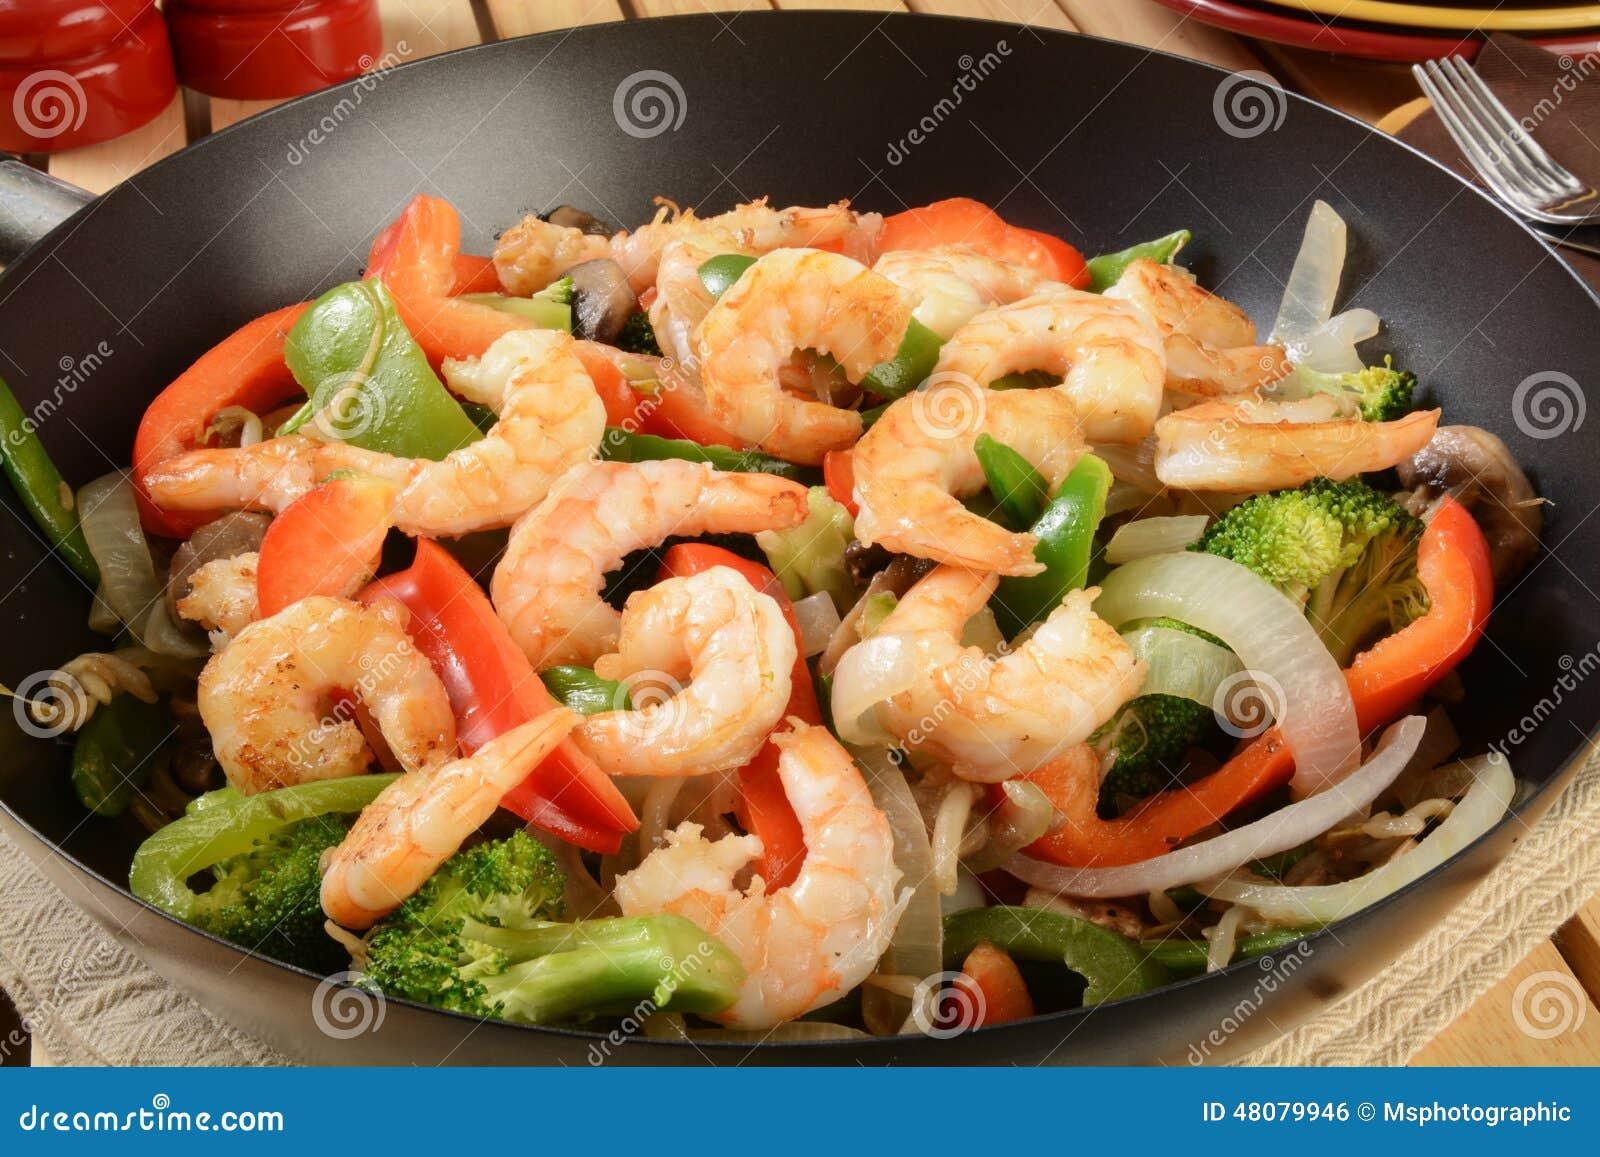 Креветки с овощами по-китайски рецепт пошагово